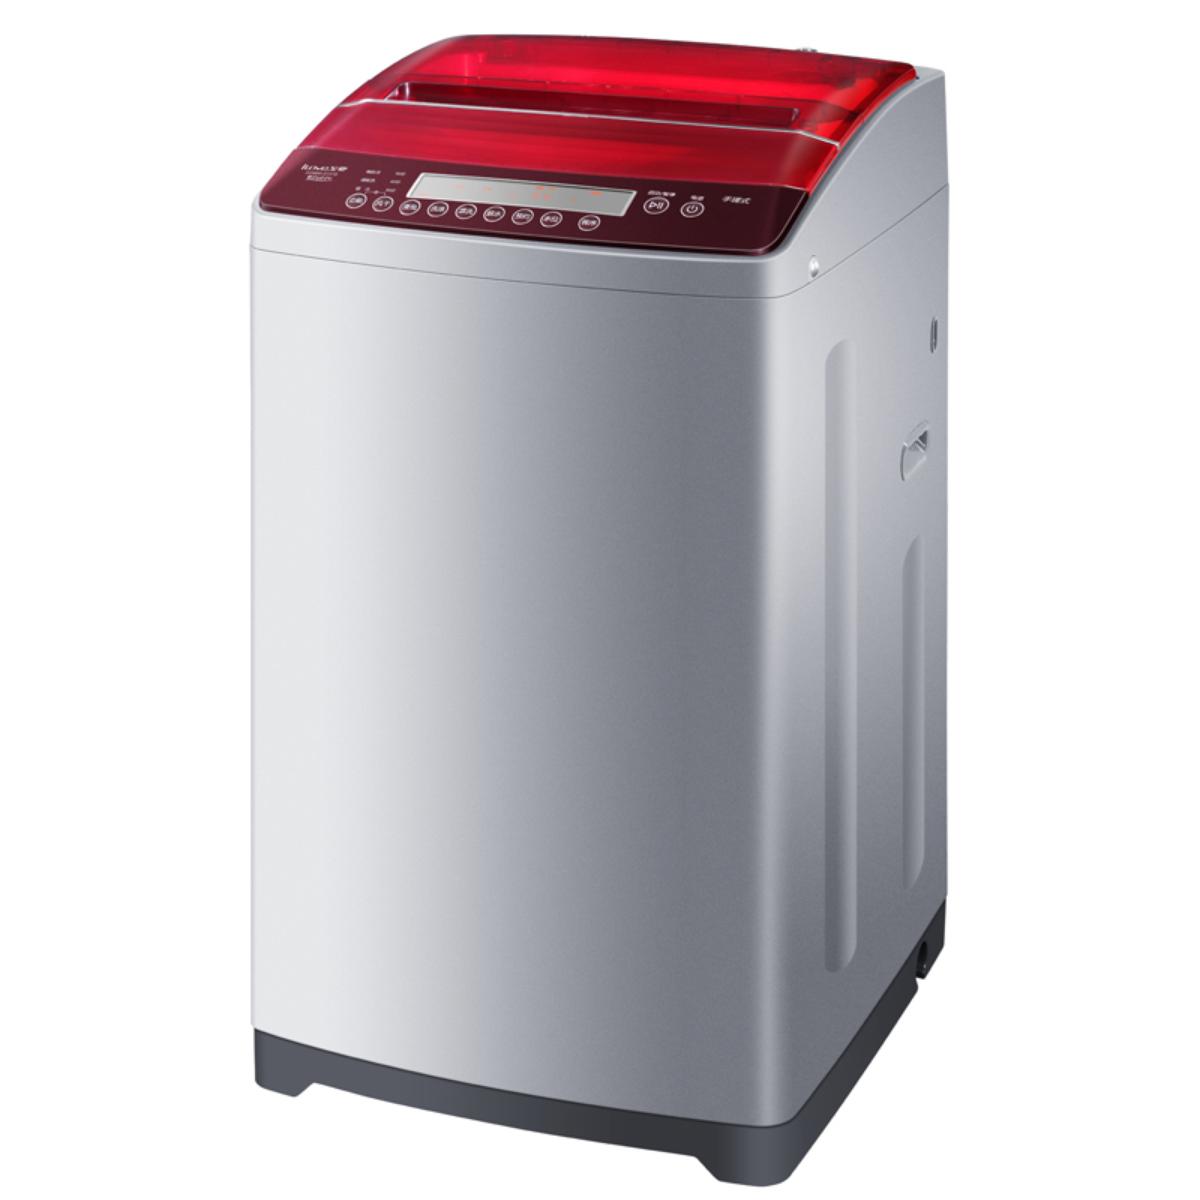 海尔波轮洗衣机 xqb60-s1216